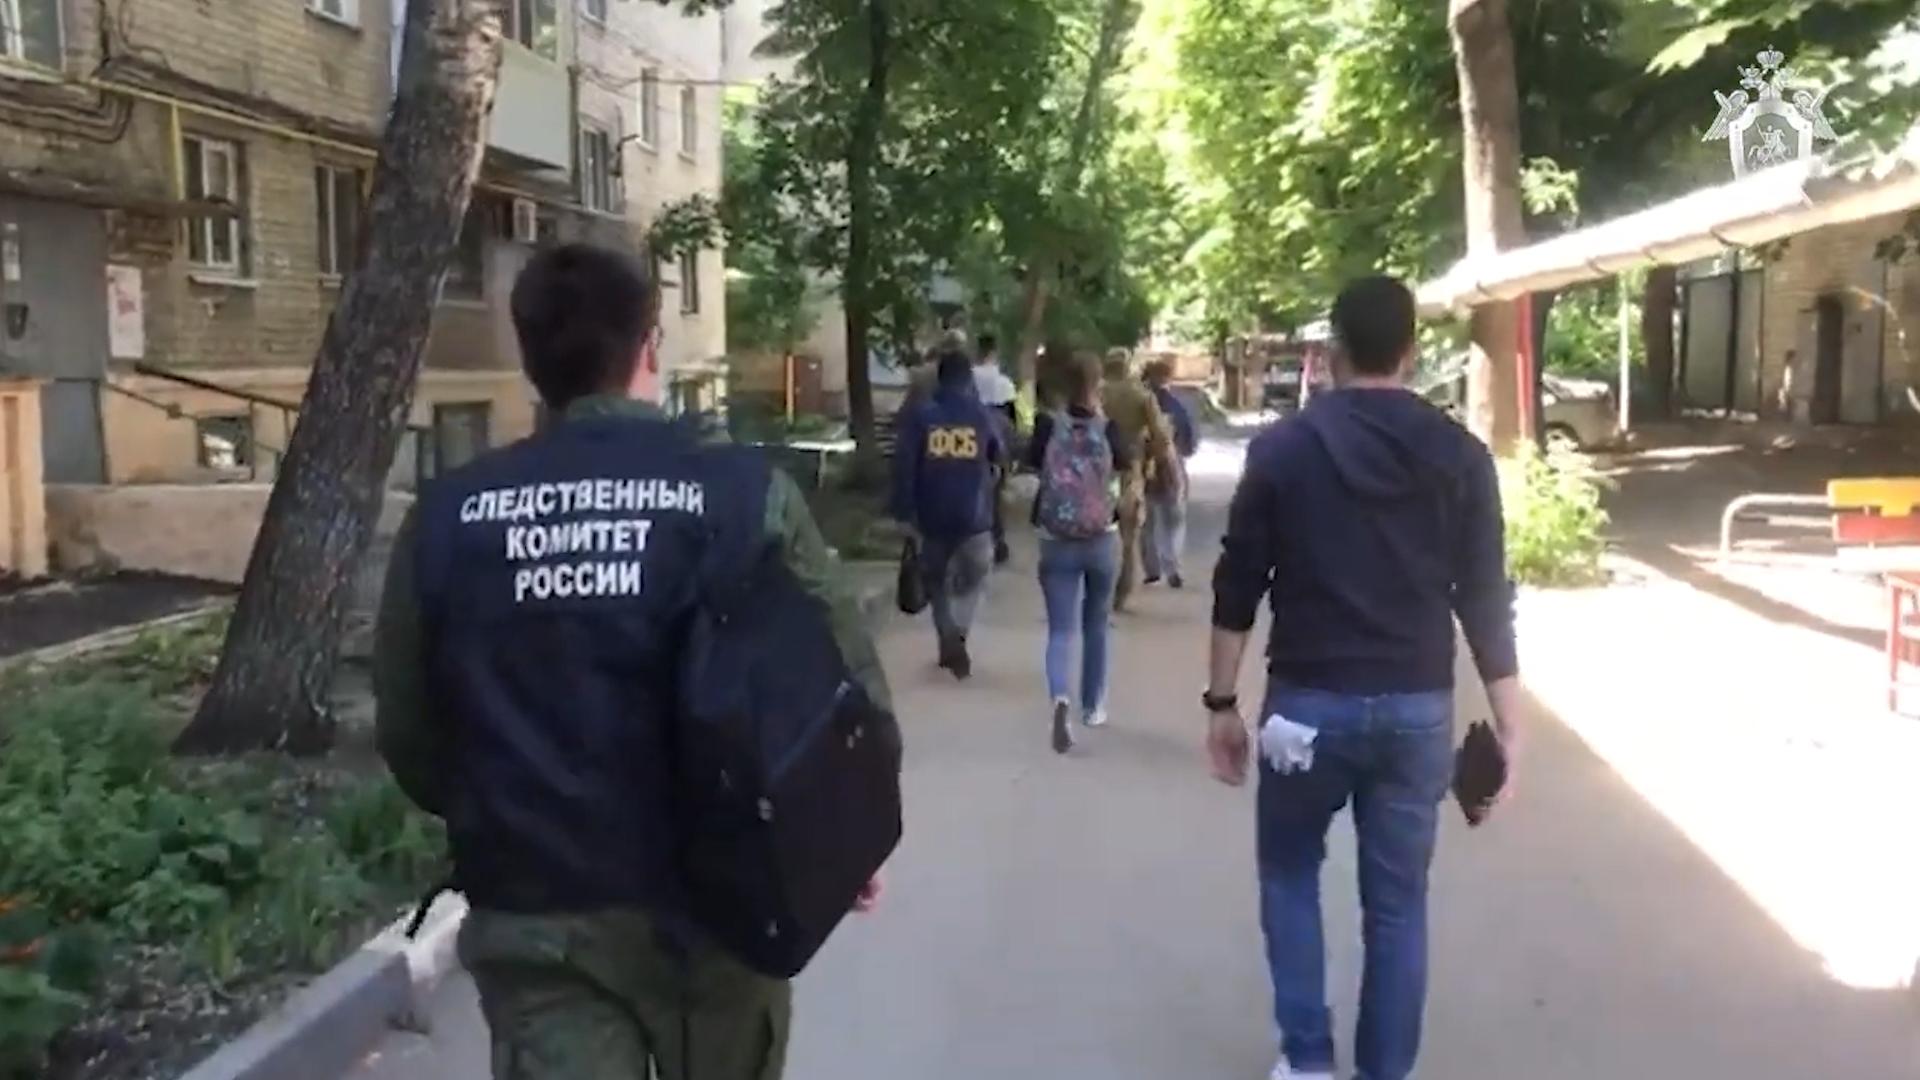 Сотрудники ФСБ задержали в Саратове 14 участников украинской радикальной группировки